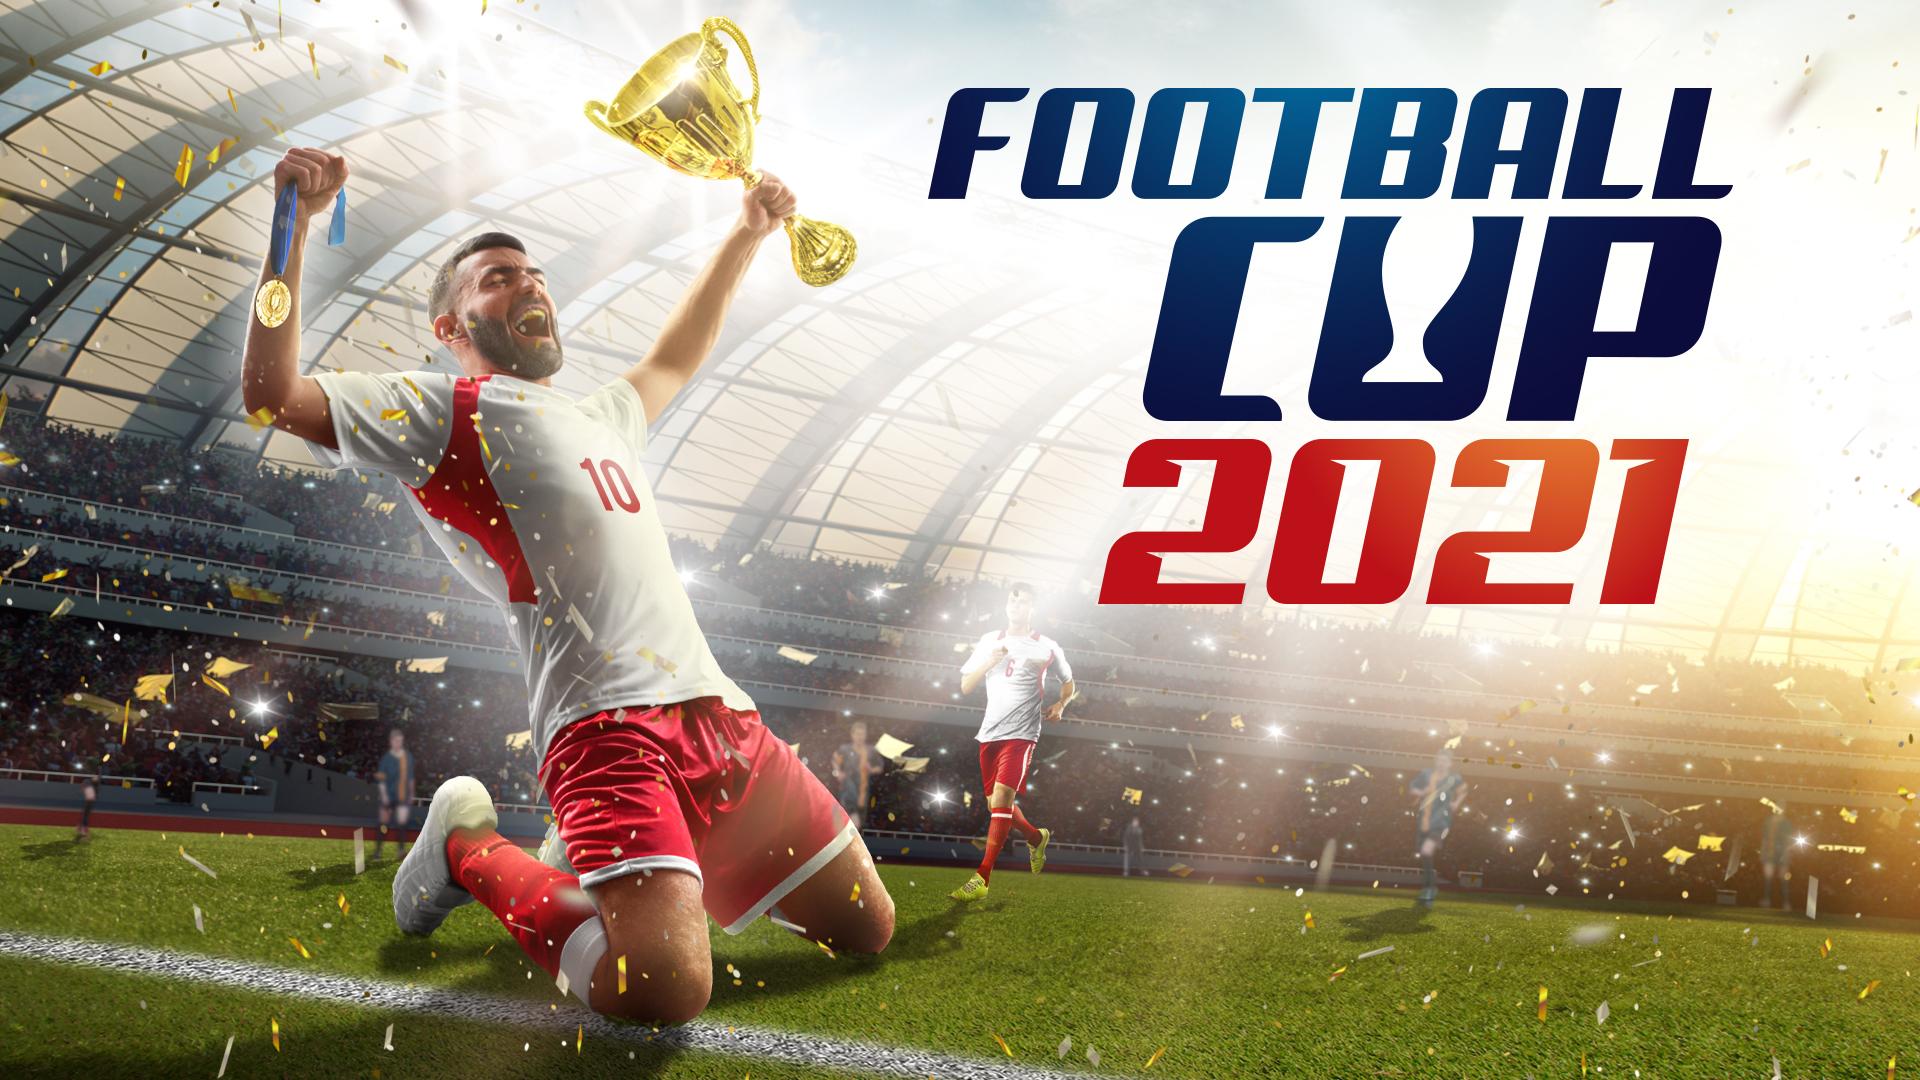 Premiera Football Cup 2021 już za dwa tygodnie 1